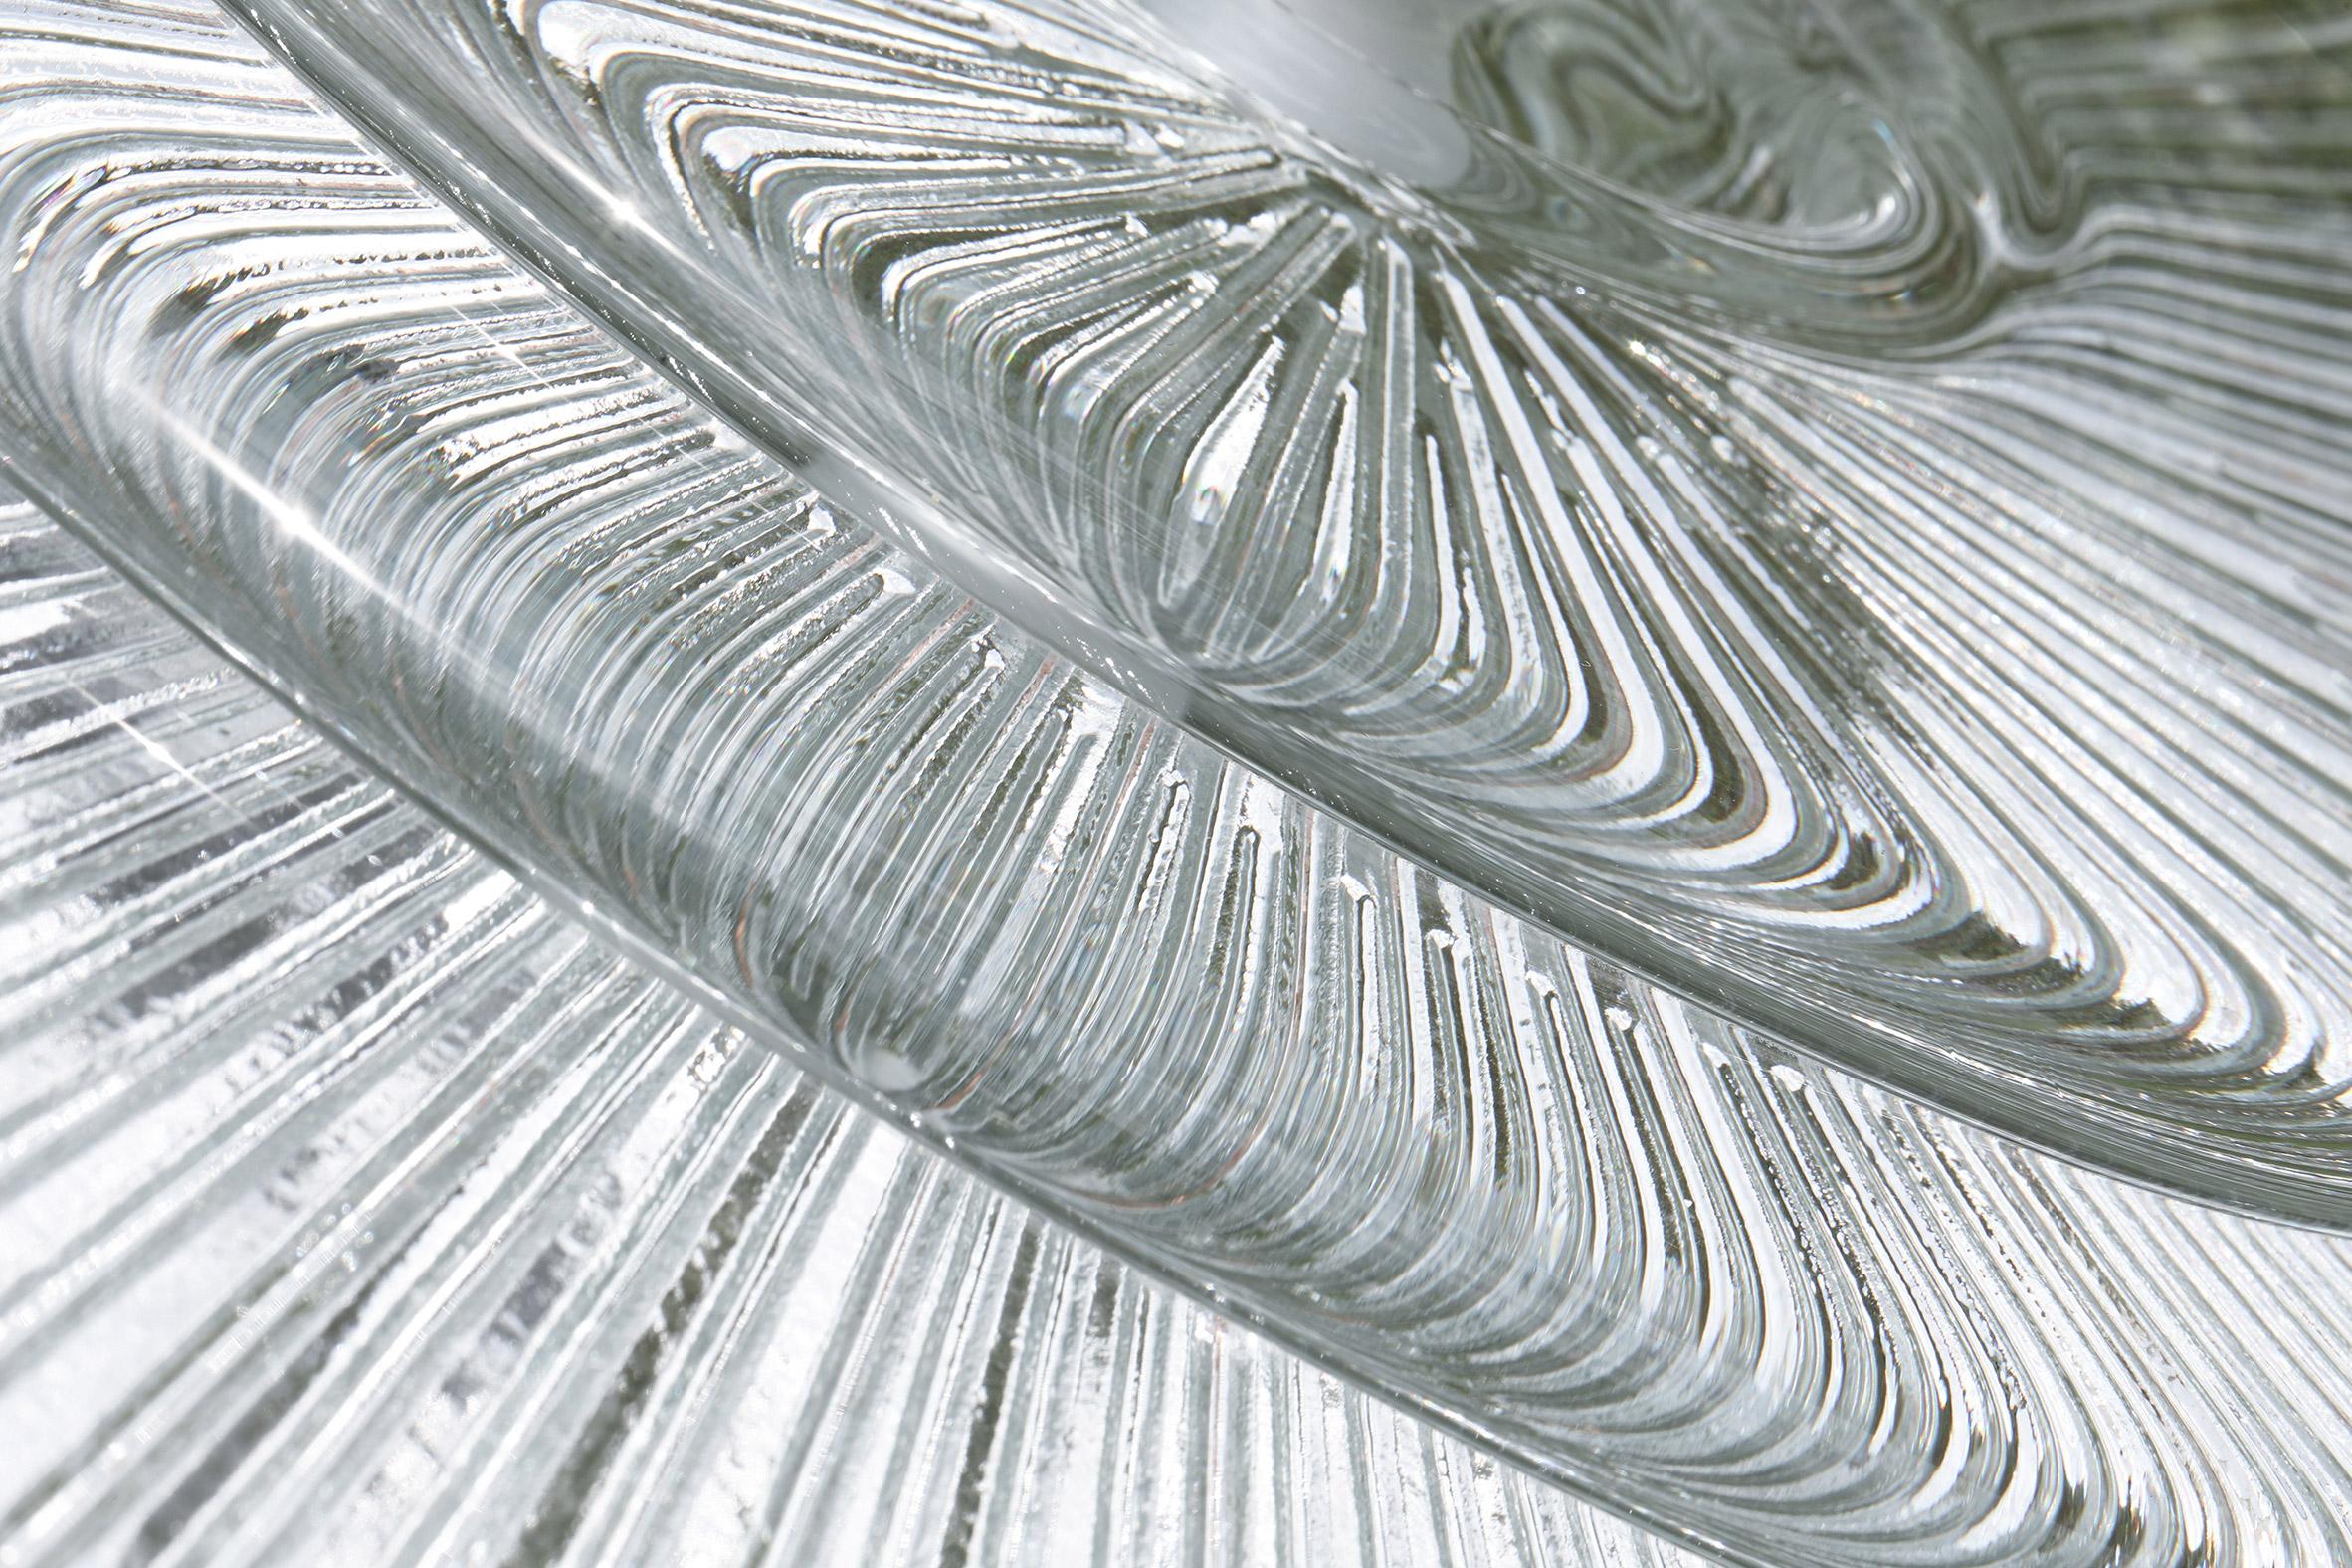 Marea glass sculpture for Atelier Oï Privé